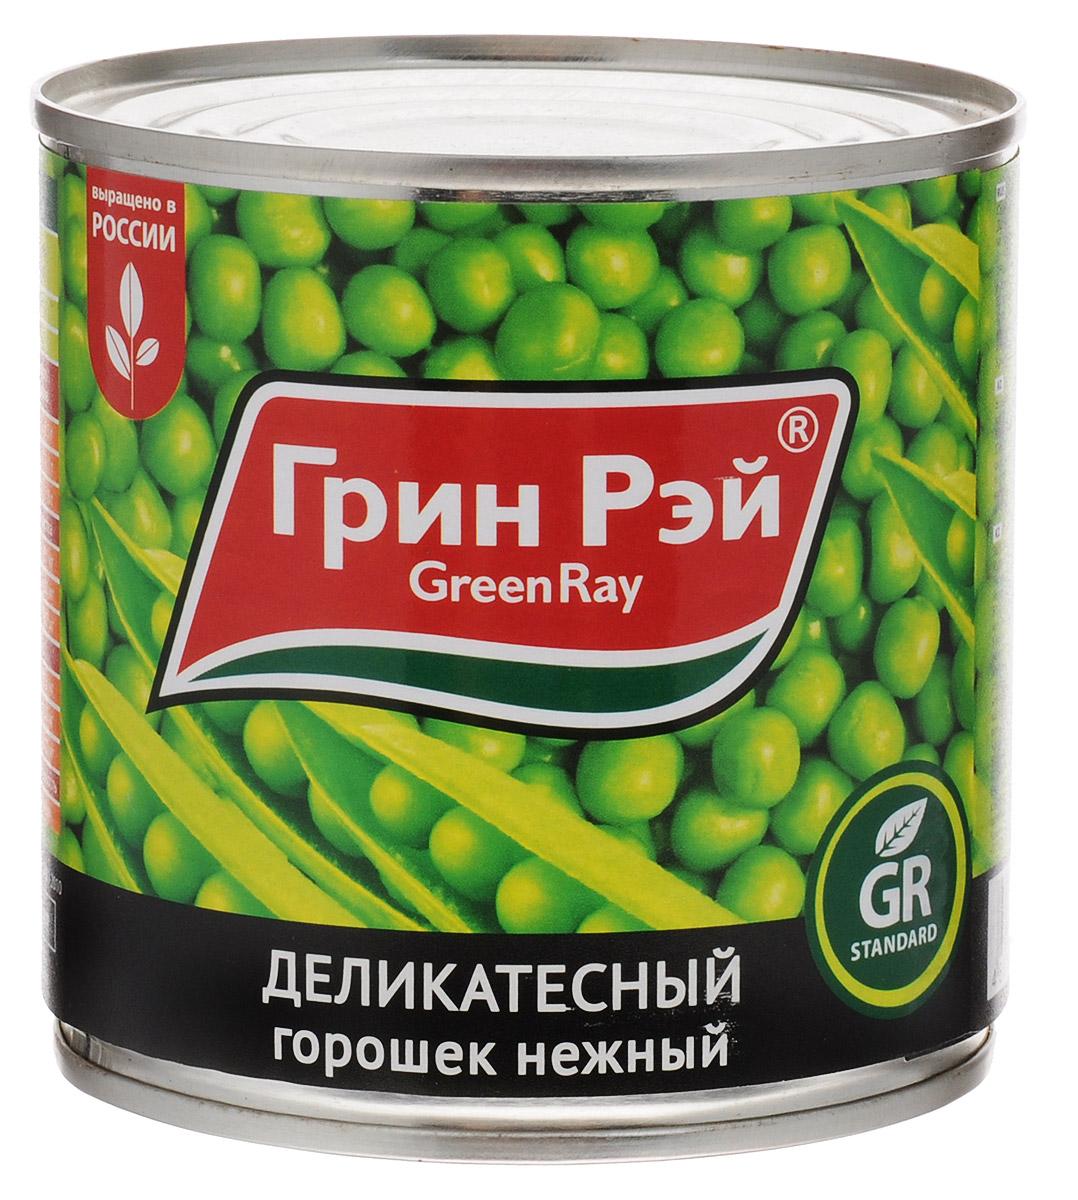 Green Ray Деликатесный горошек зеленый, 425 мл